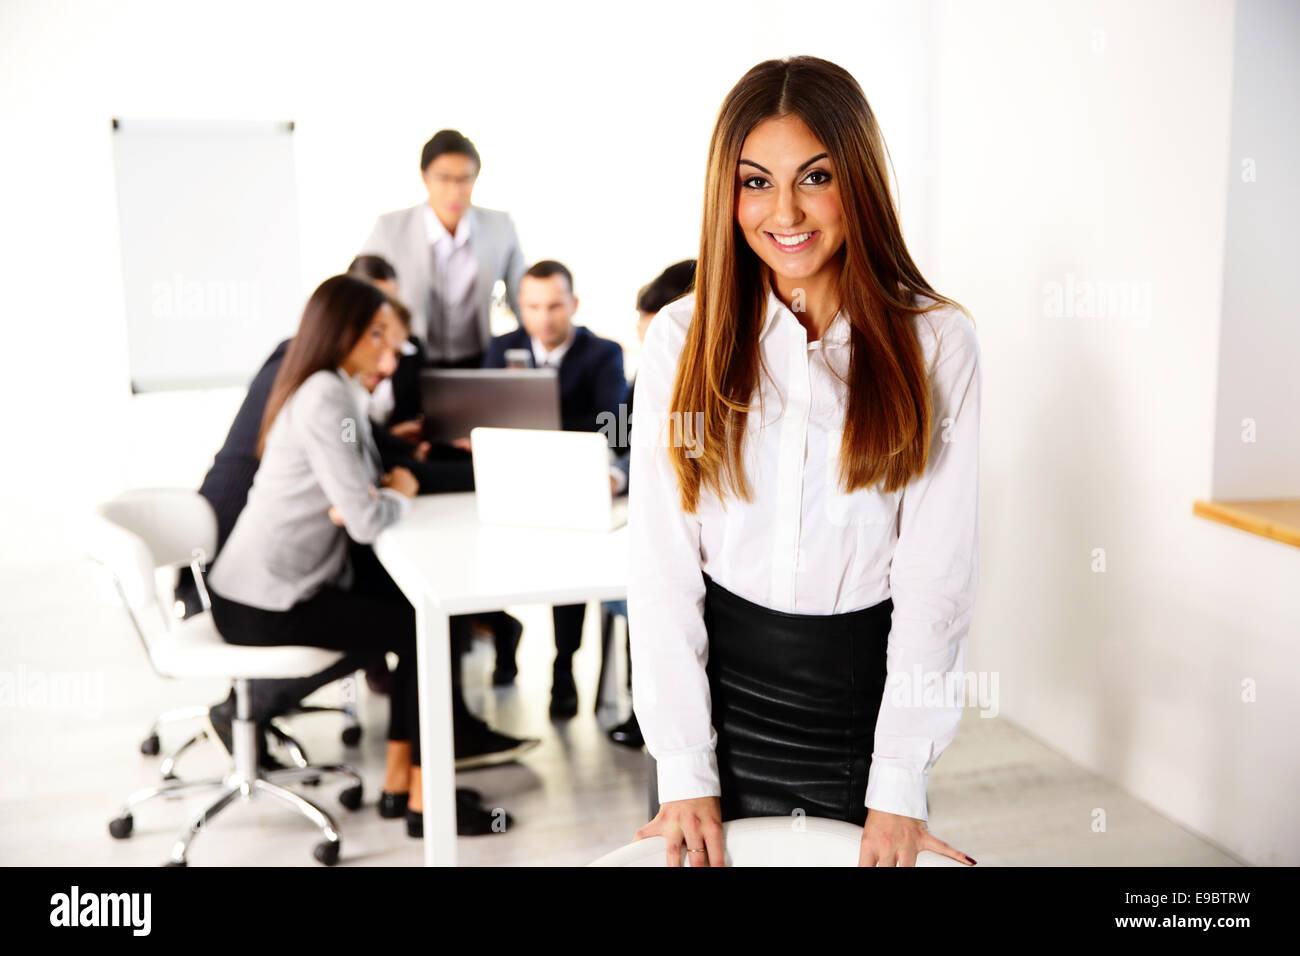 Ritratto di un felice imprenditrice nella parte anteriore del business meeting Immagini Stock